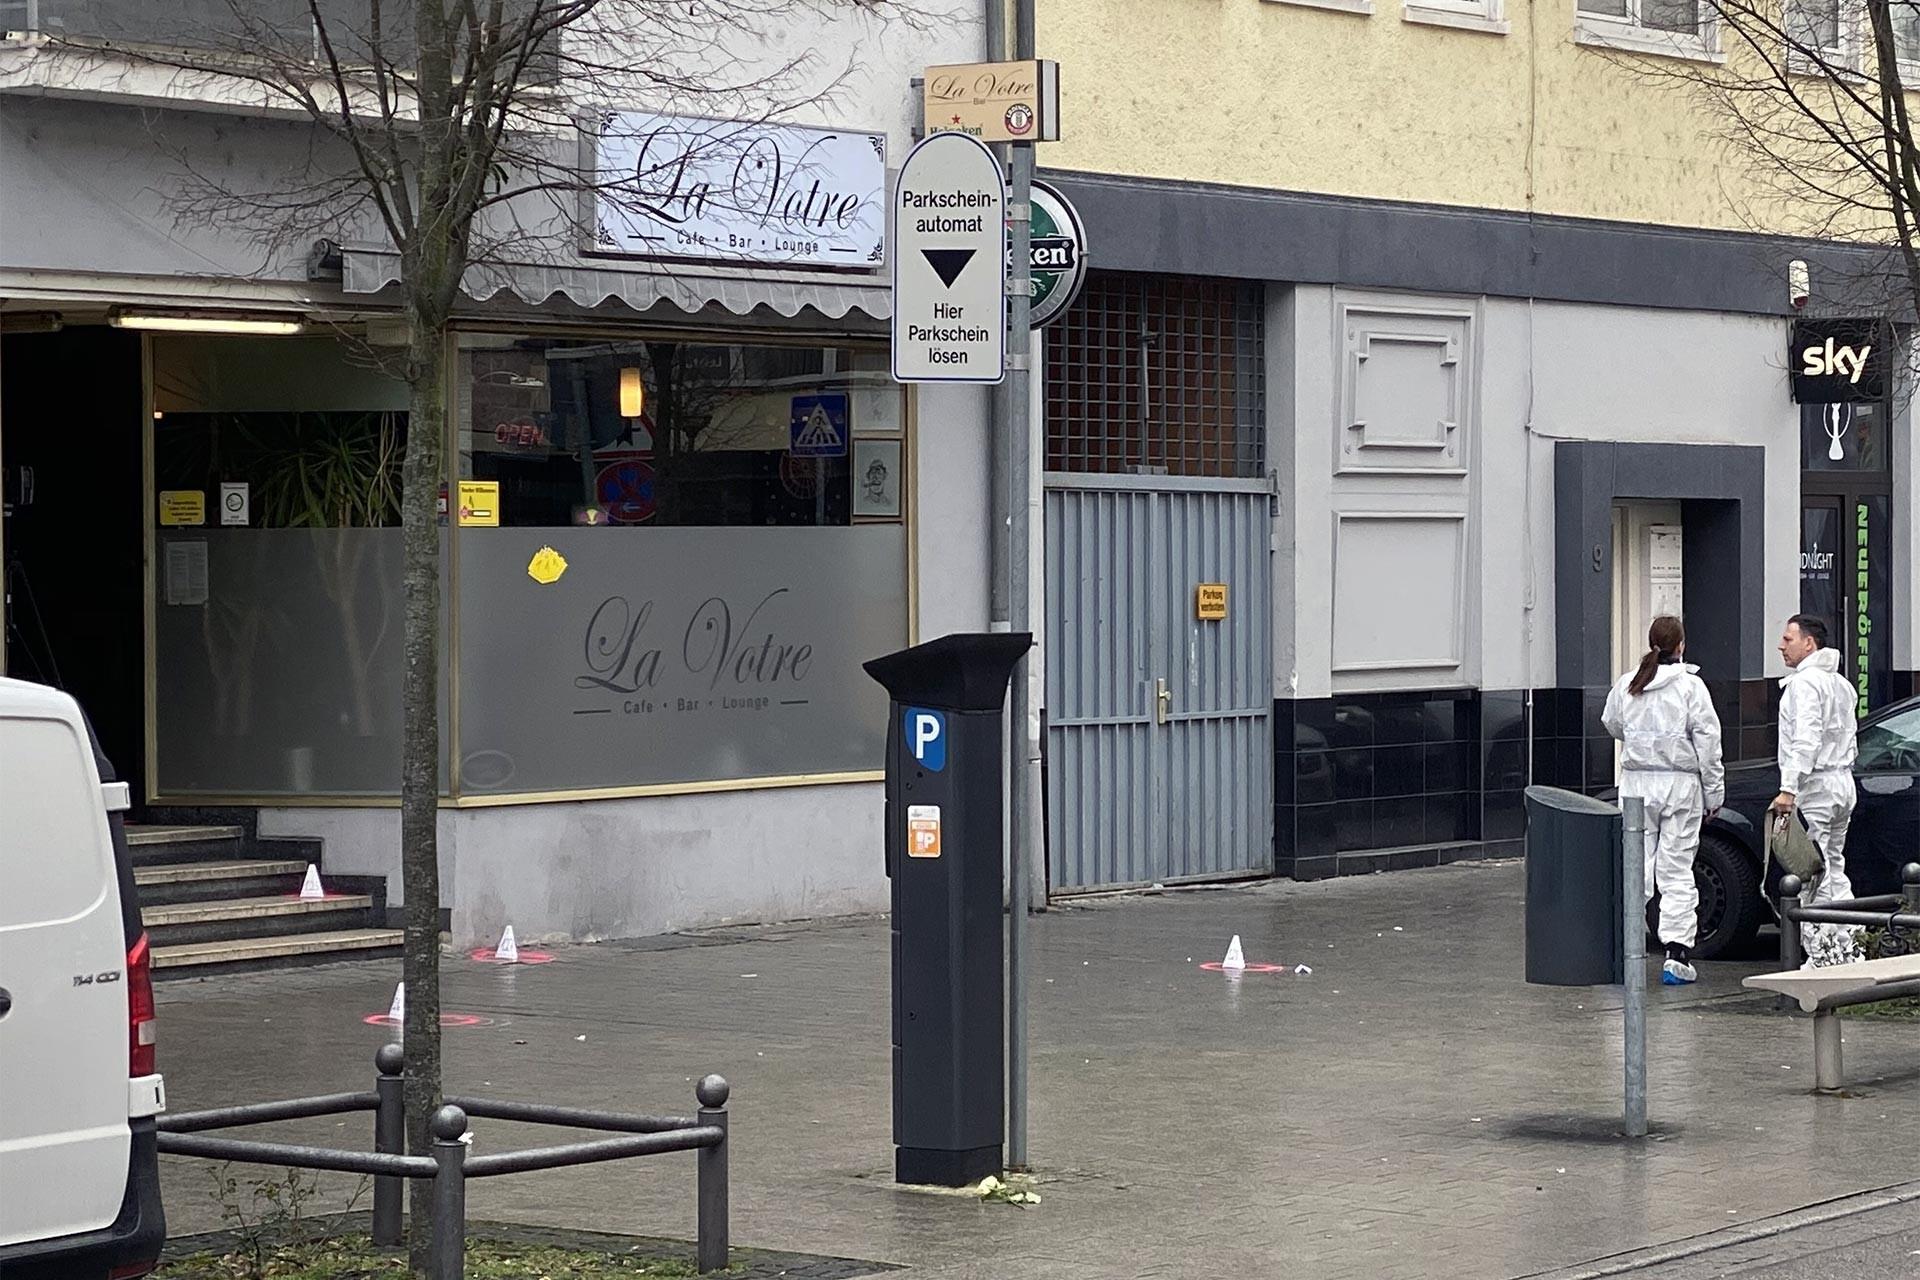 Hanau'da silahlı saldırıya uğrayan dükkanda inceleme yapılıyor